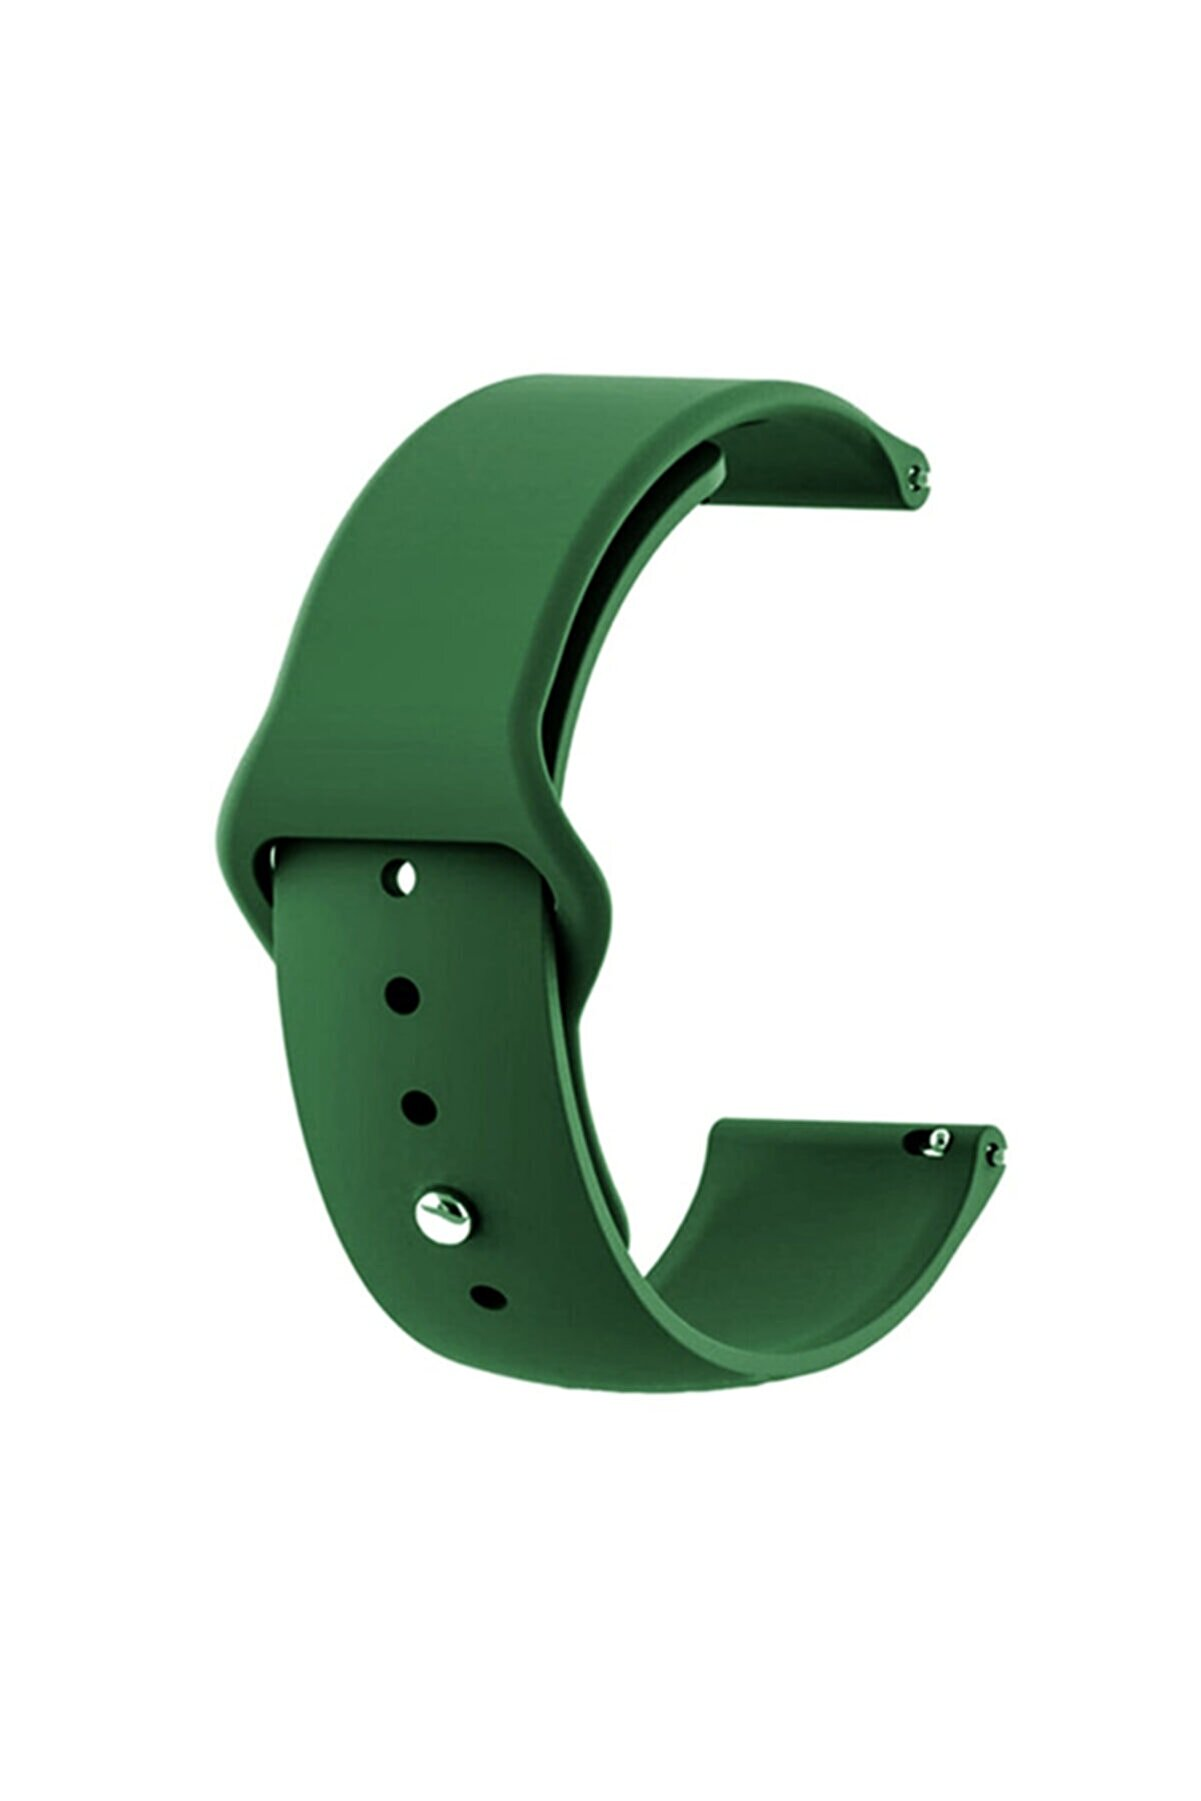 Gpack Google Ticwatch S2 Wear Os Uyumlu Kordon Klasik Silikon Krd 11 Koyu Yeşil